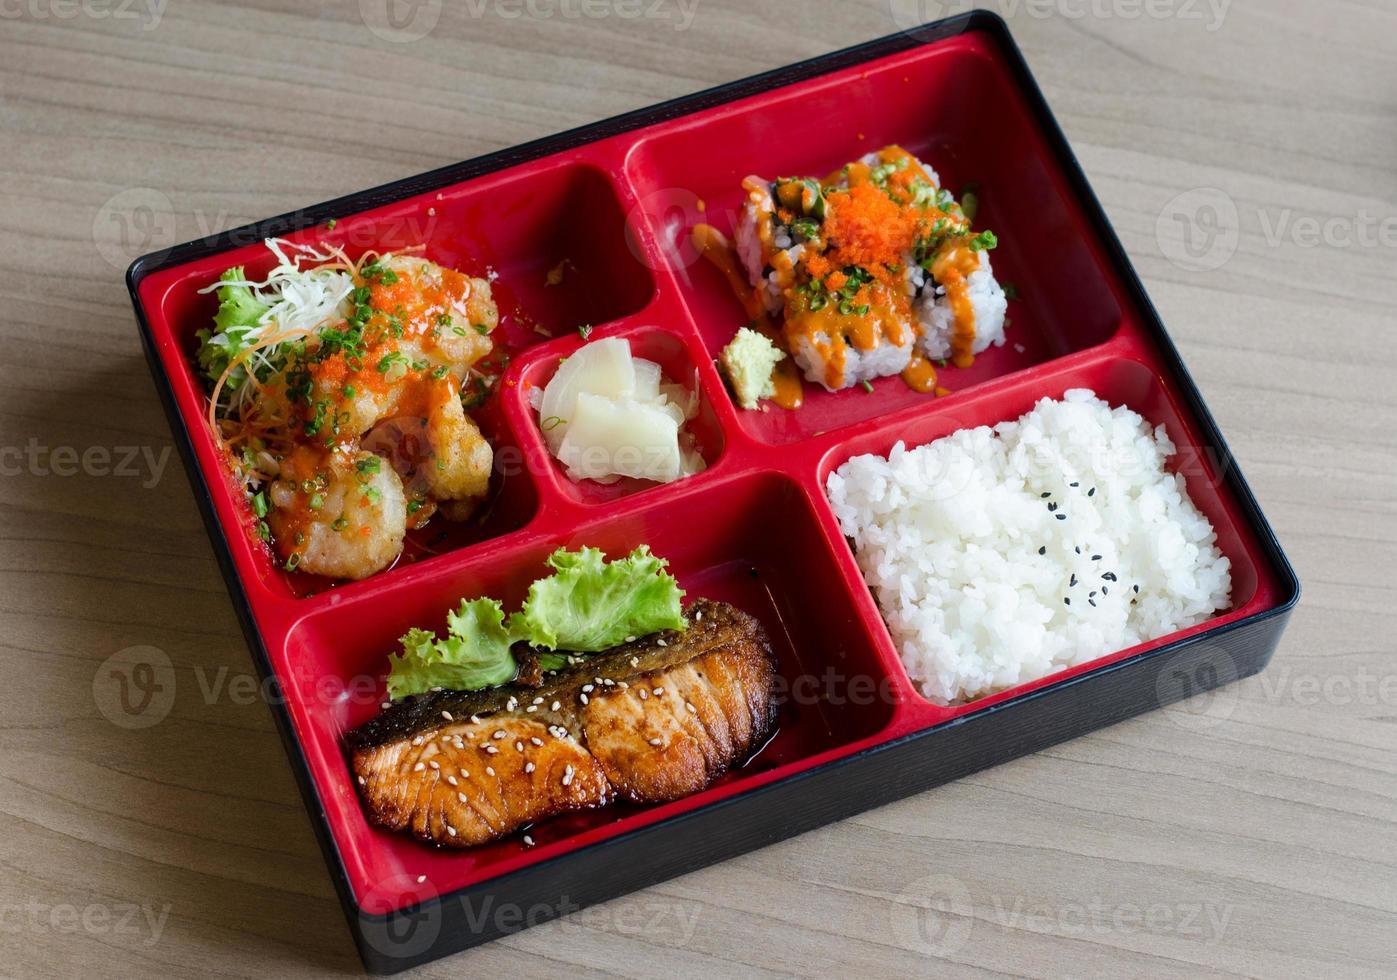 caja bento con rollito y salmón foto